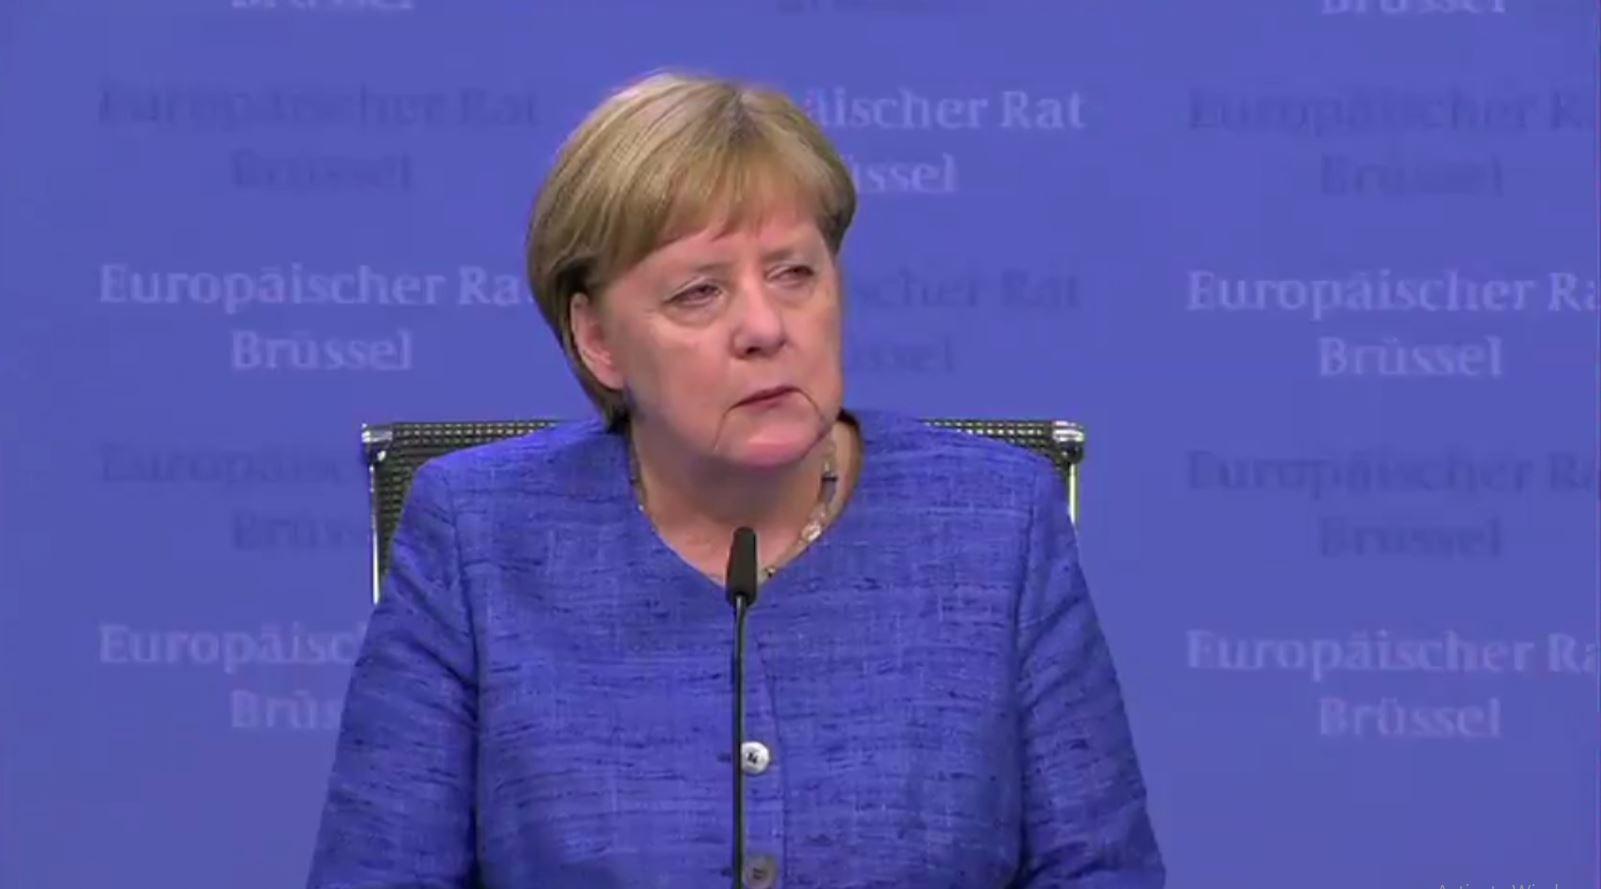 Merkel, garanci Shkupit për negociatat. Shqipëria, inekzistente!